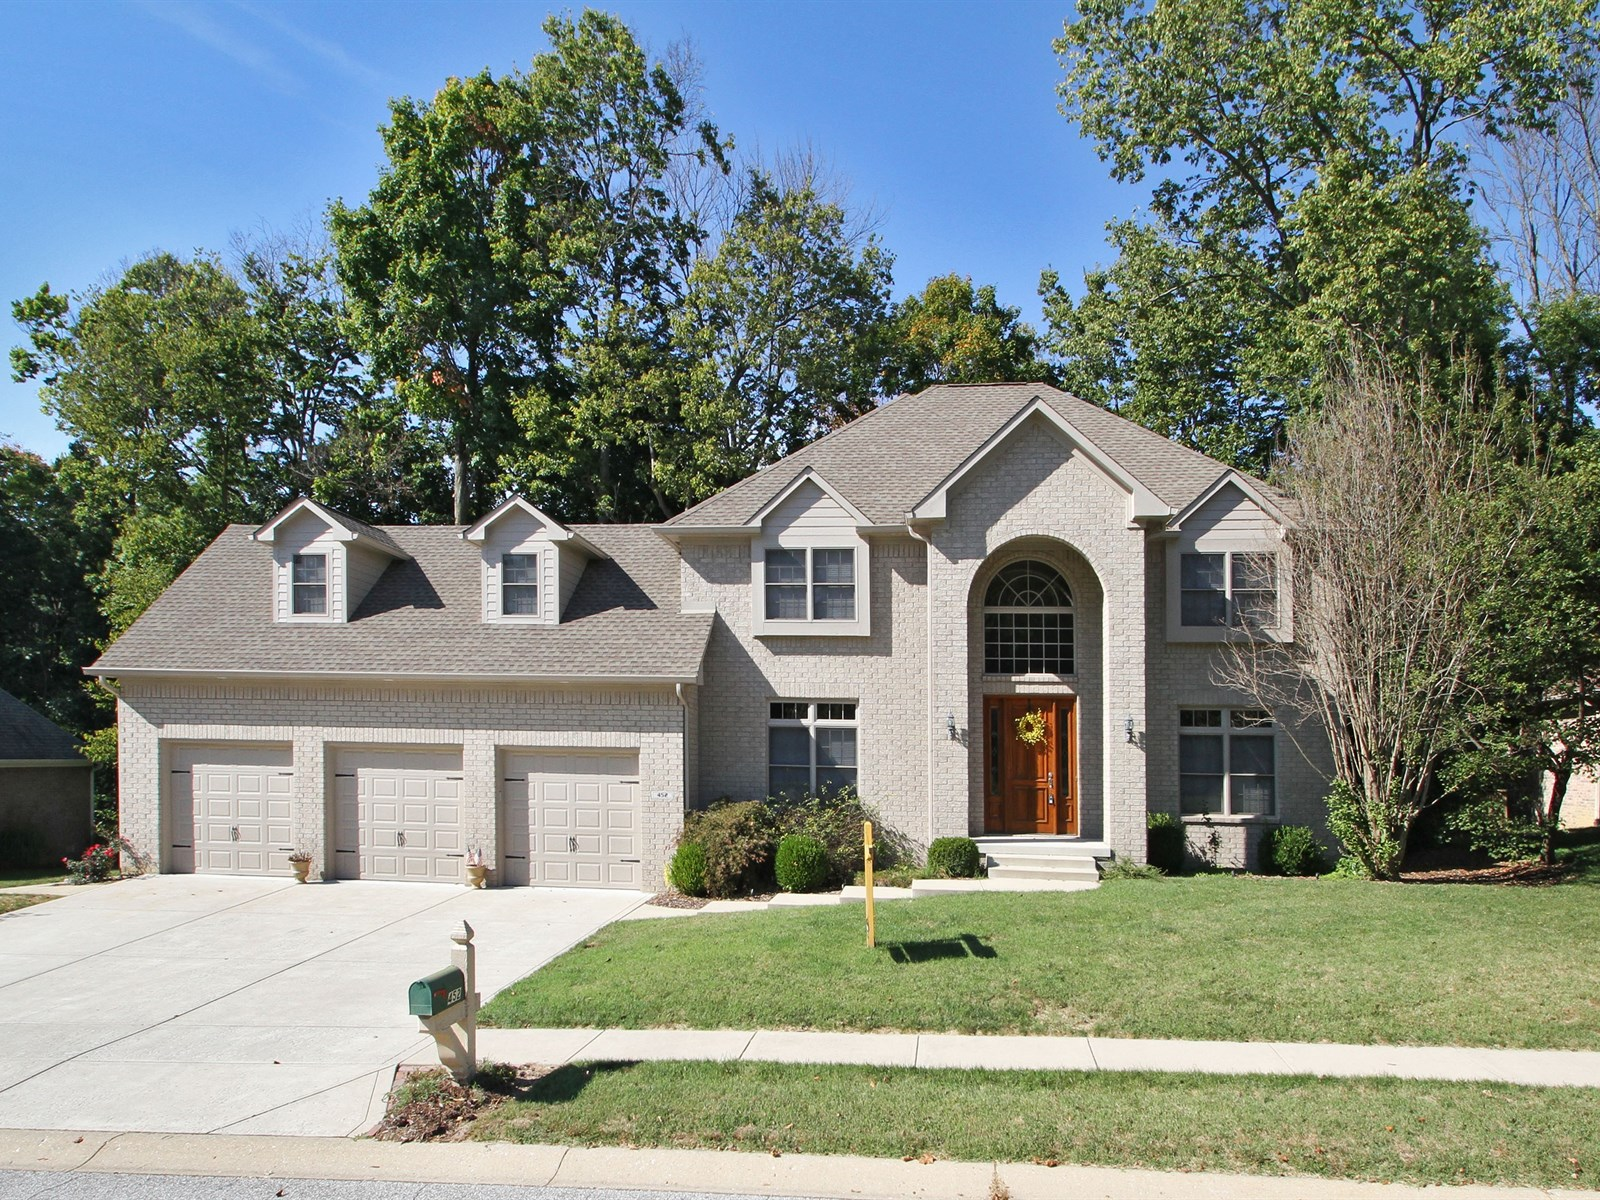 452 Sycamore Ridge Ct., Avon, Indiana 46123